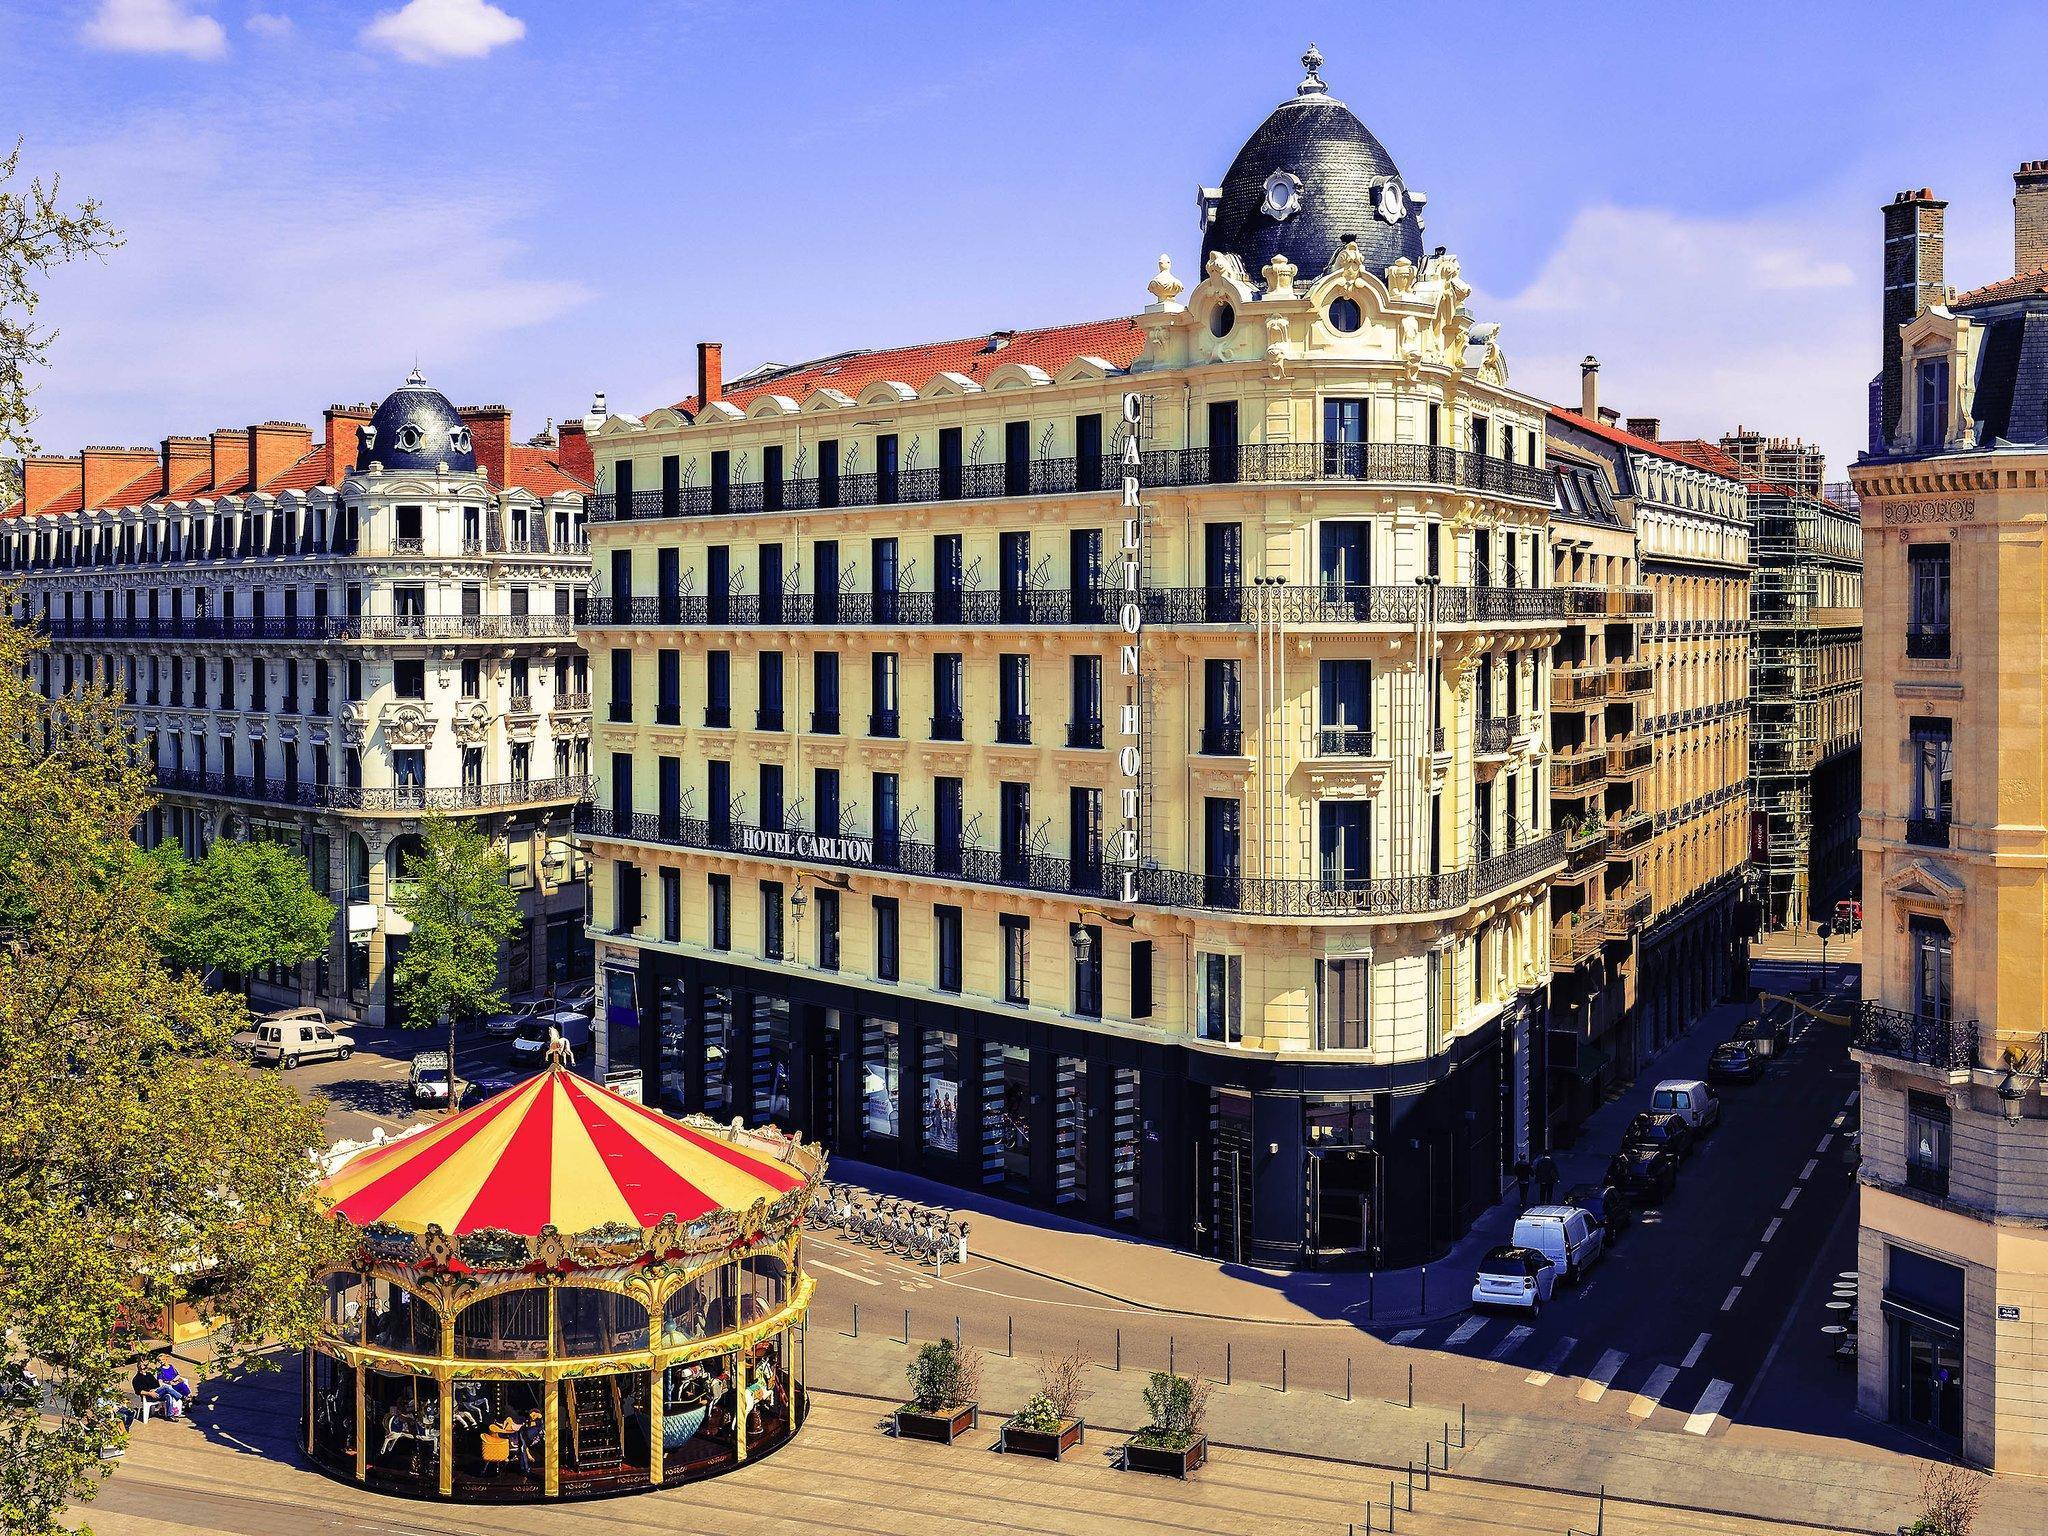 Hotel Carlton Lyon - MGallery